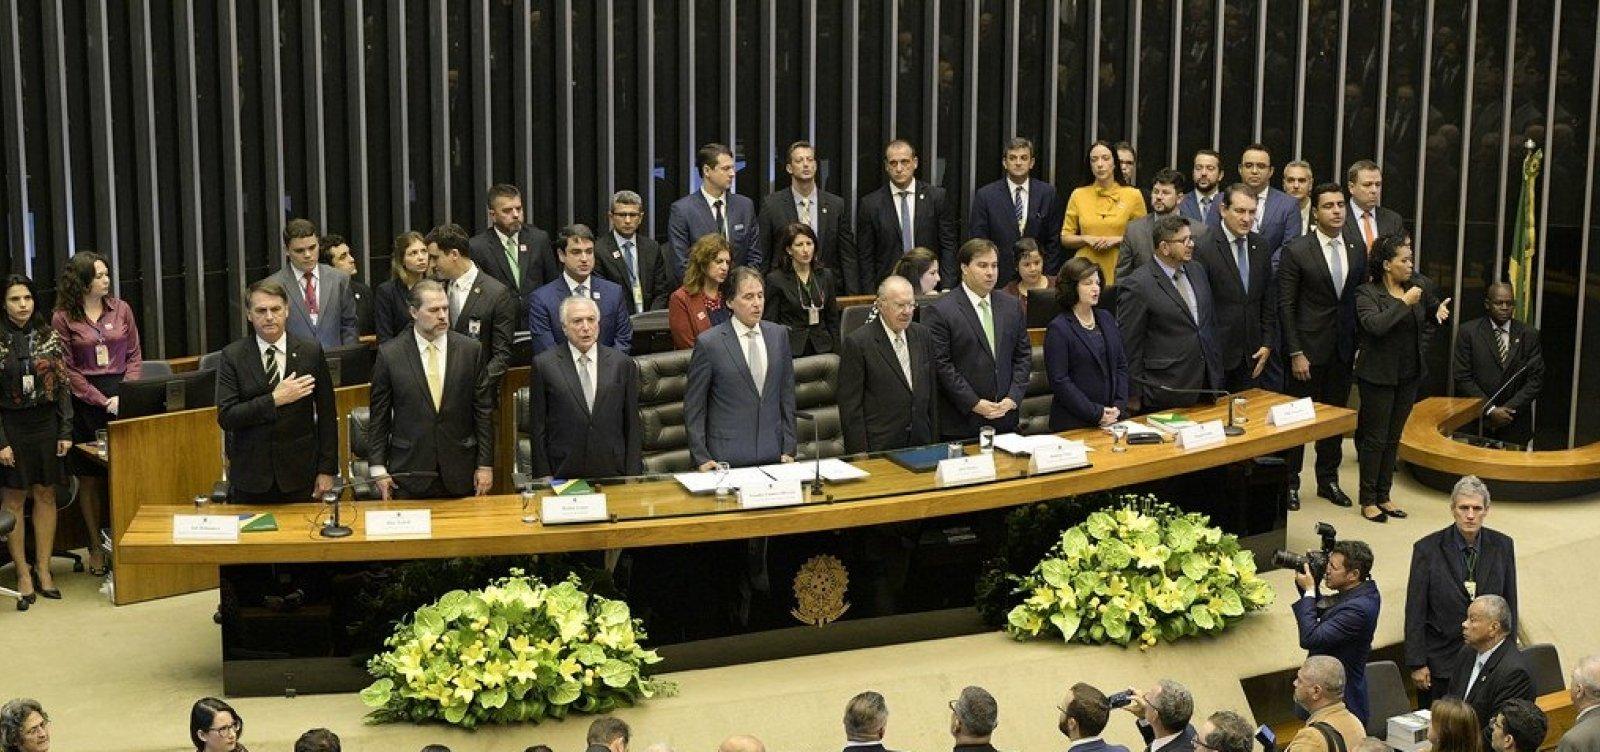 Sem aplauso de Bolsonaro, Dodge defende constituição e minorias